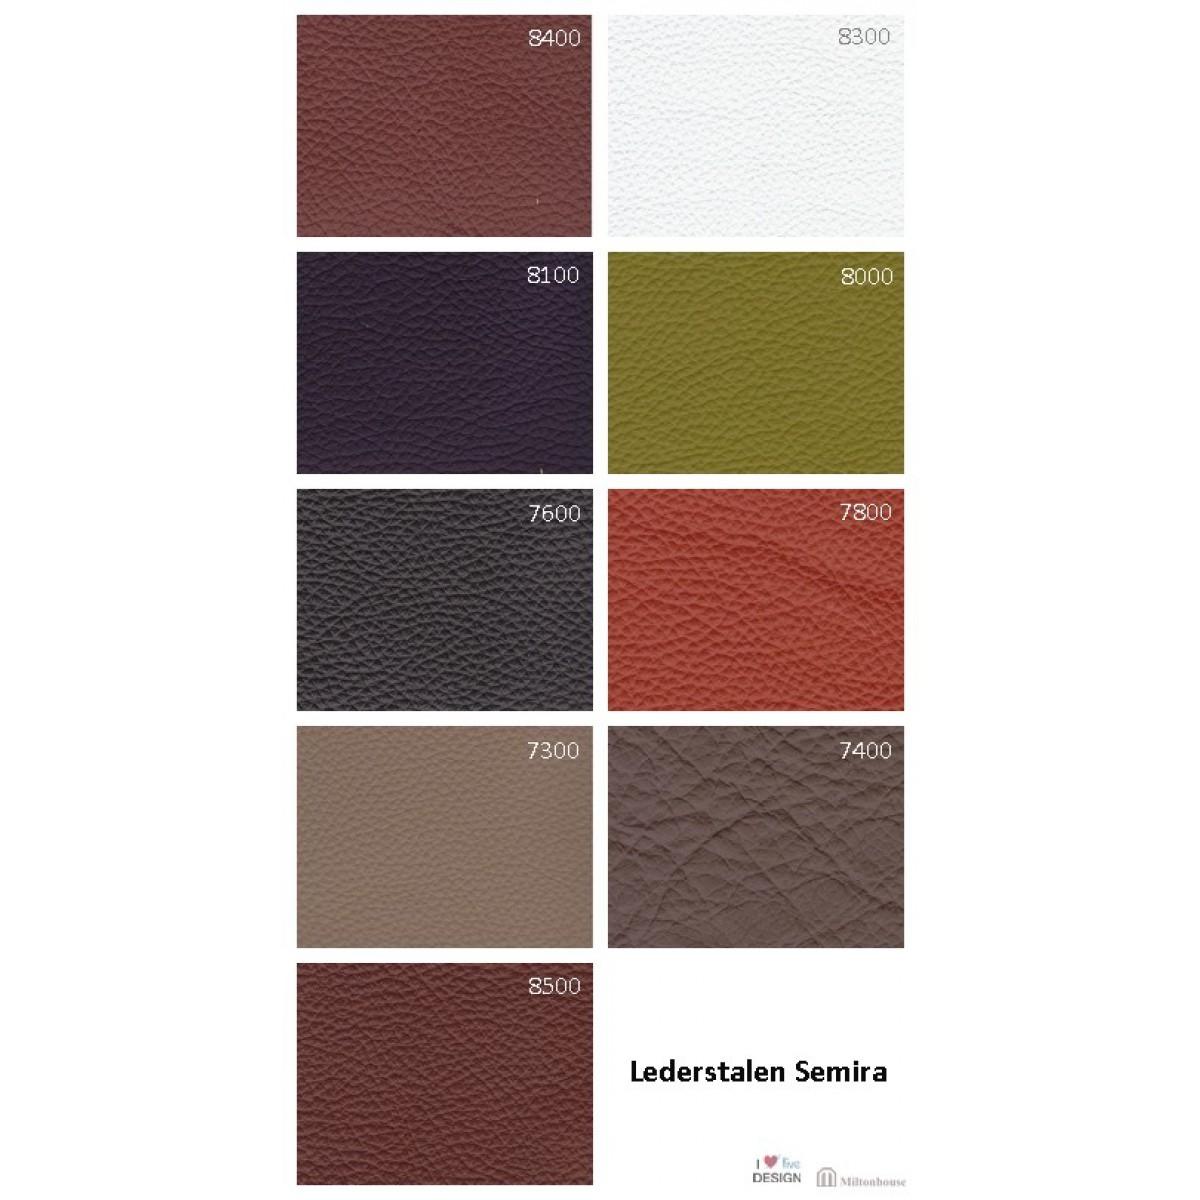 leder-leer-semira-kleuren3